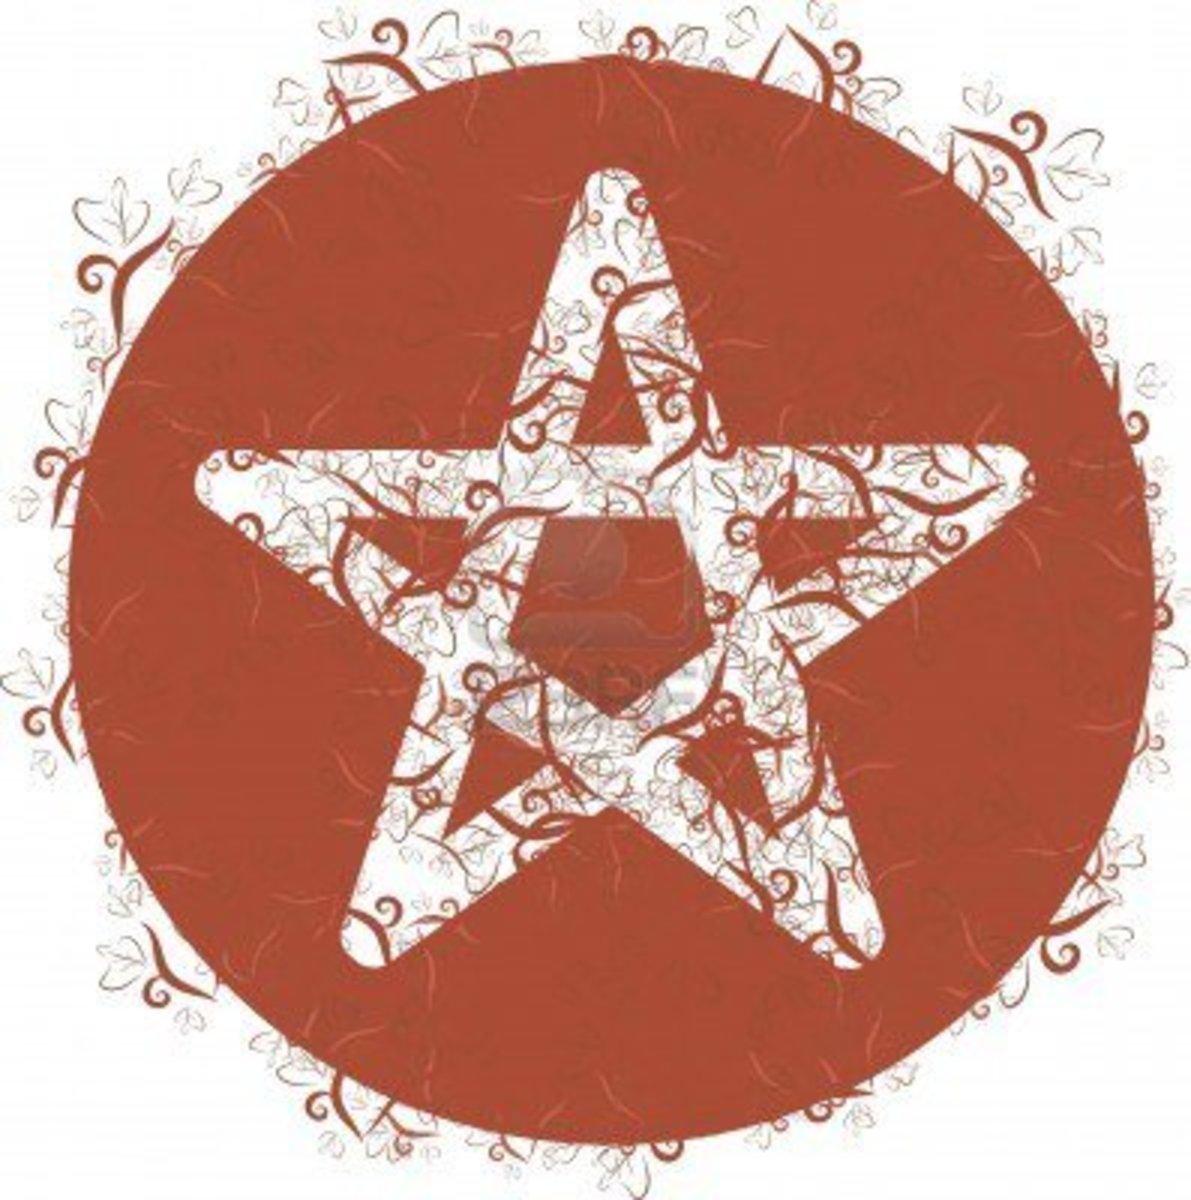 A Pagan Symbol.